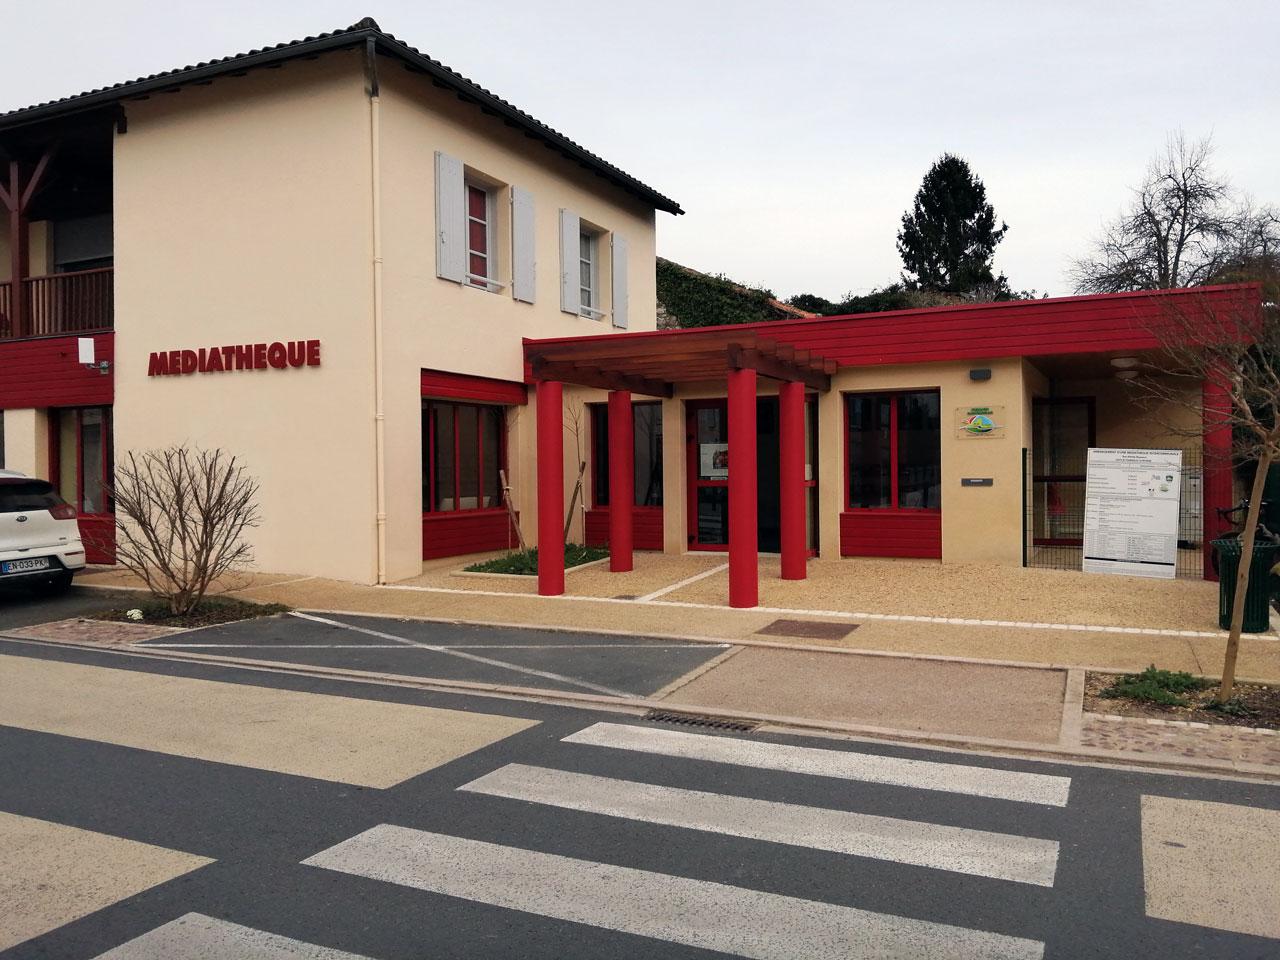 Médiathèque de Saint-Pardoux-la-Rivière